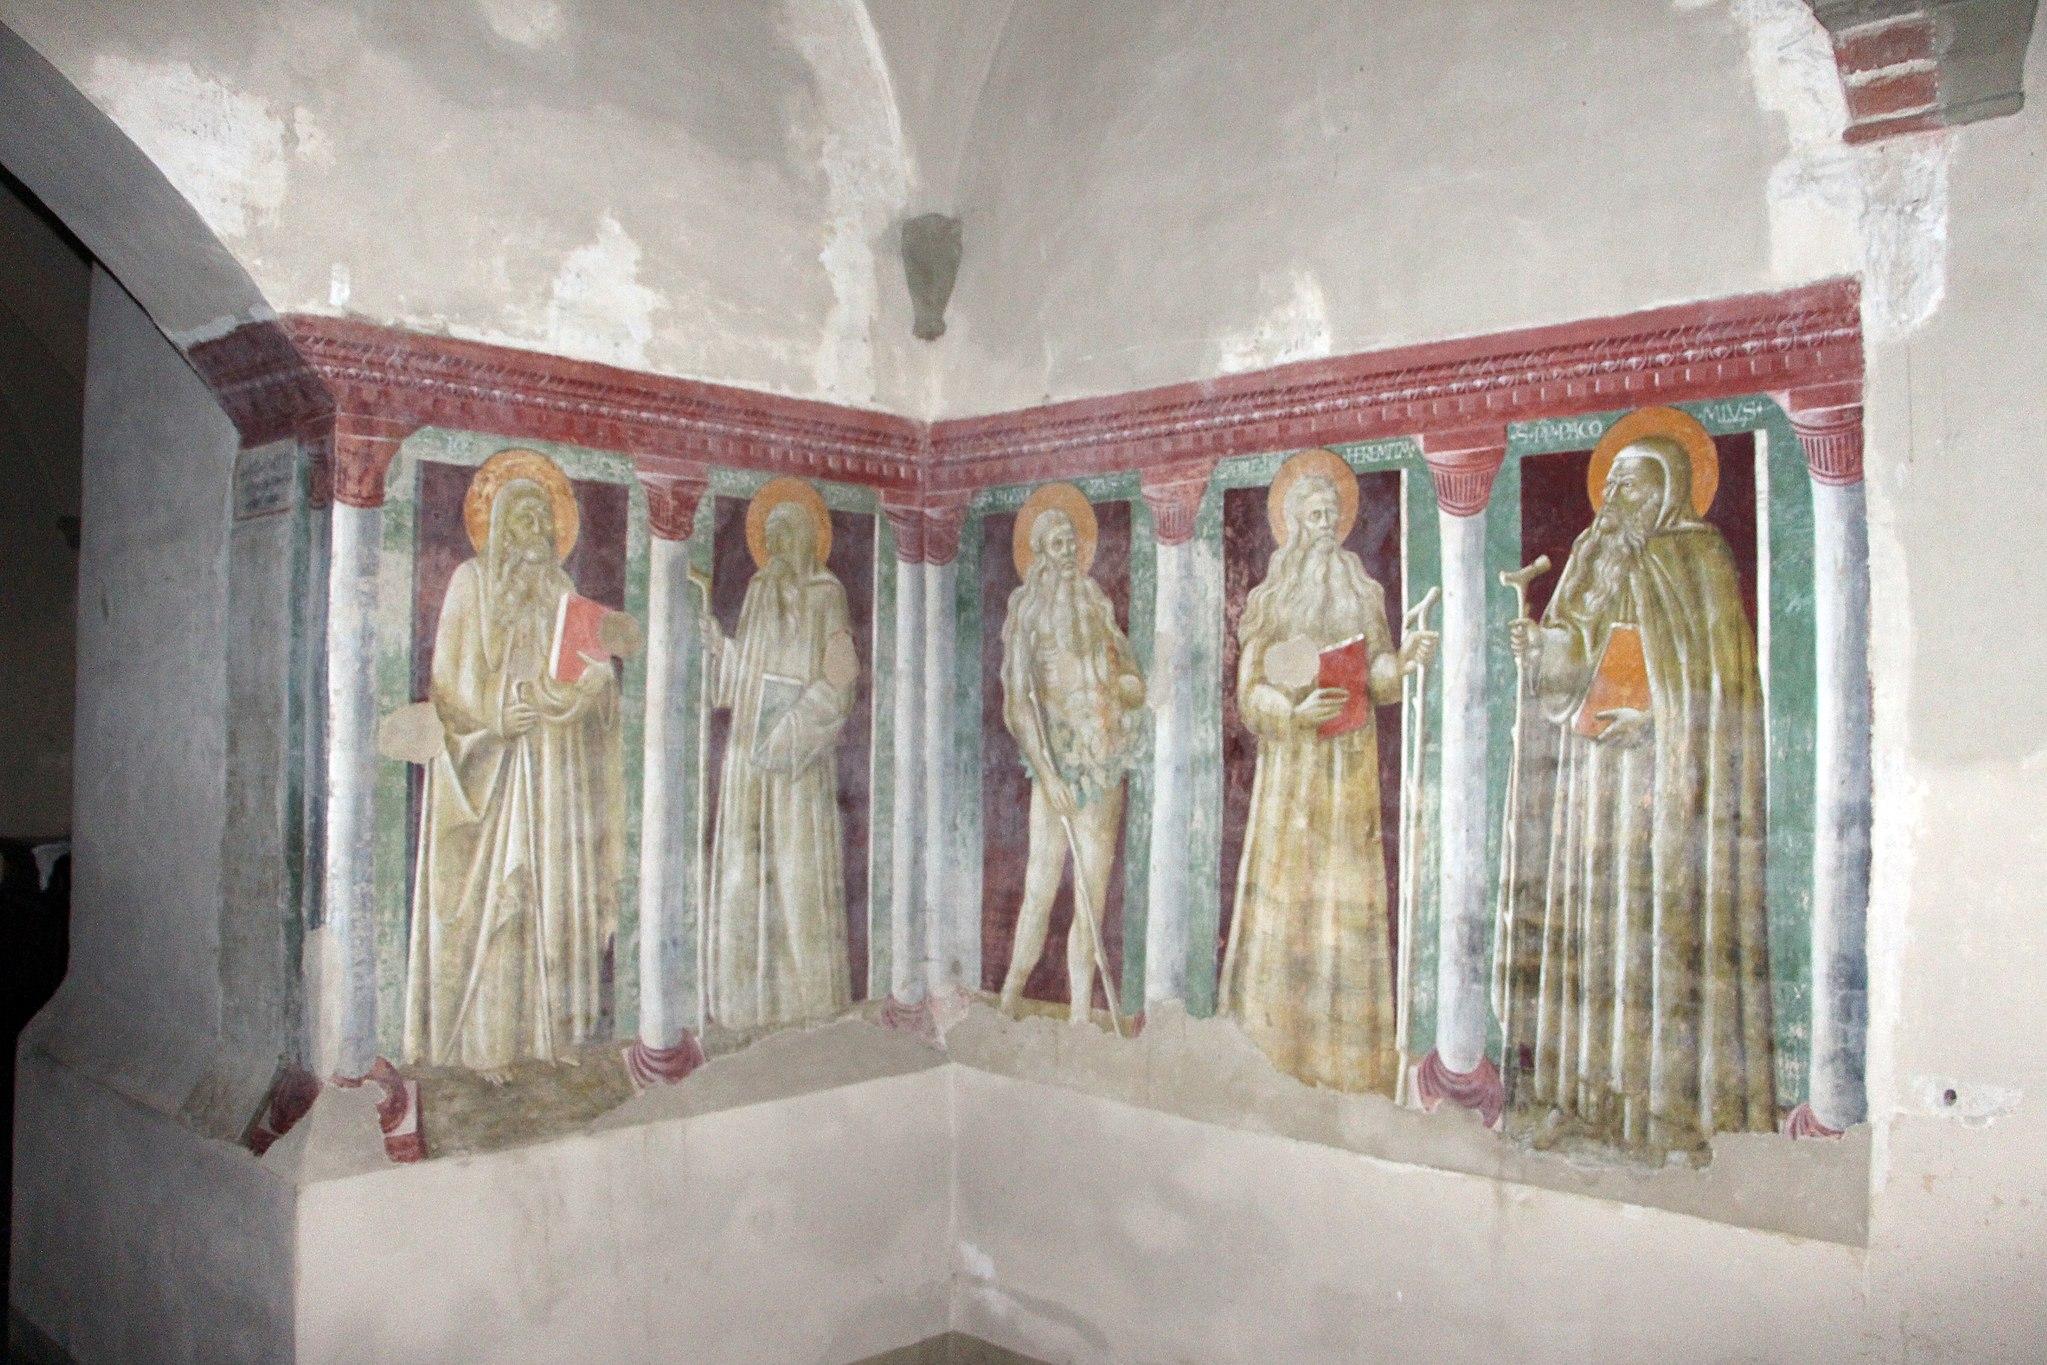 Abbazia di Monte Oliveto Maggiore ,passaggio tra chiostro e chiesa, ignoto senese, Padri eremiti, 1440 (attr. Giovanni di Paolo)